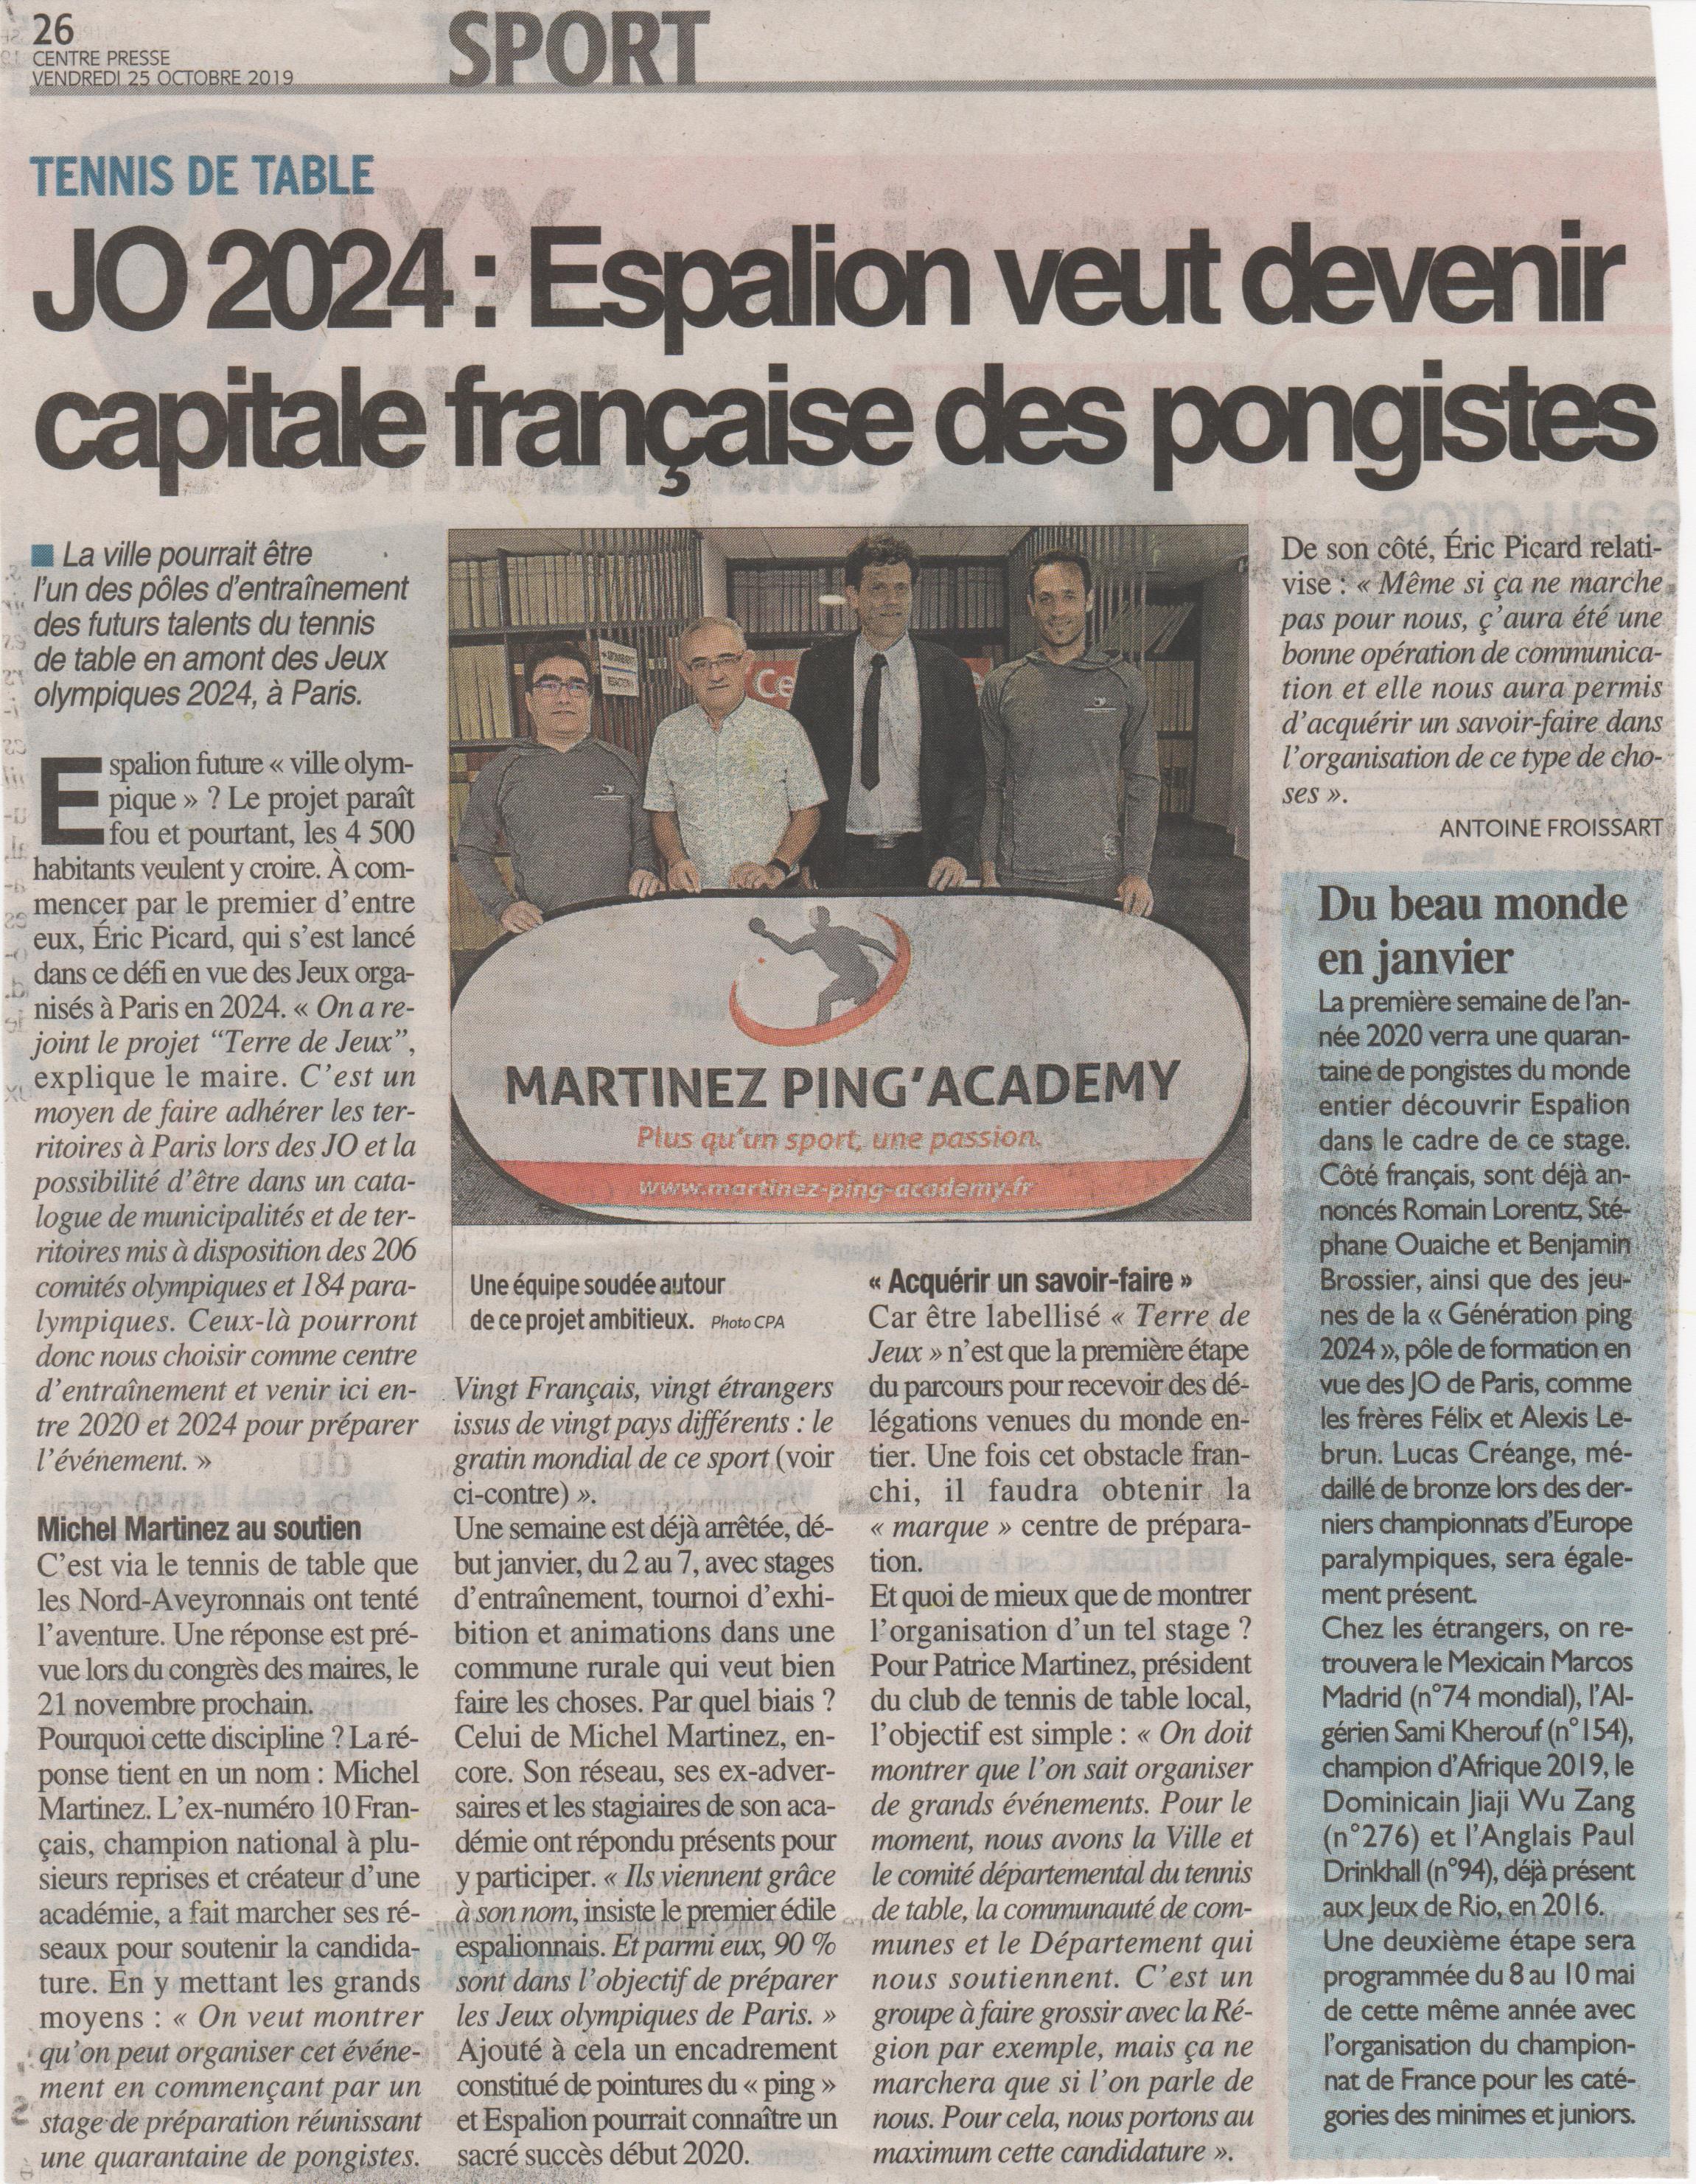 Tennis de table JO 2024 : Espalion veut devenir capitale française des pongistes